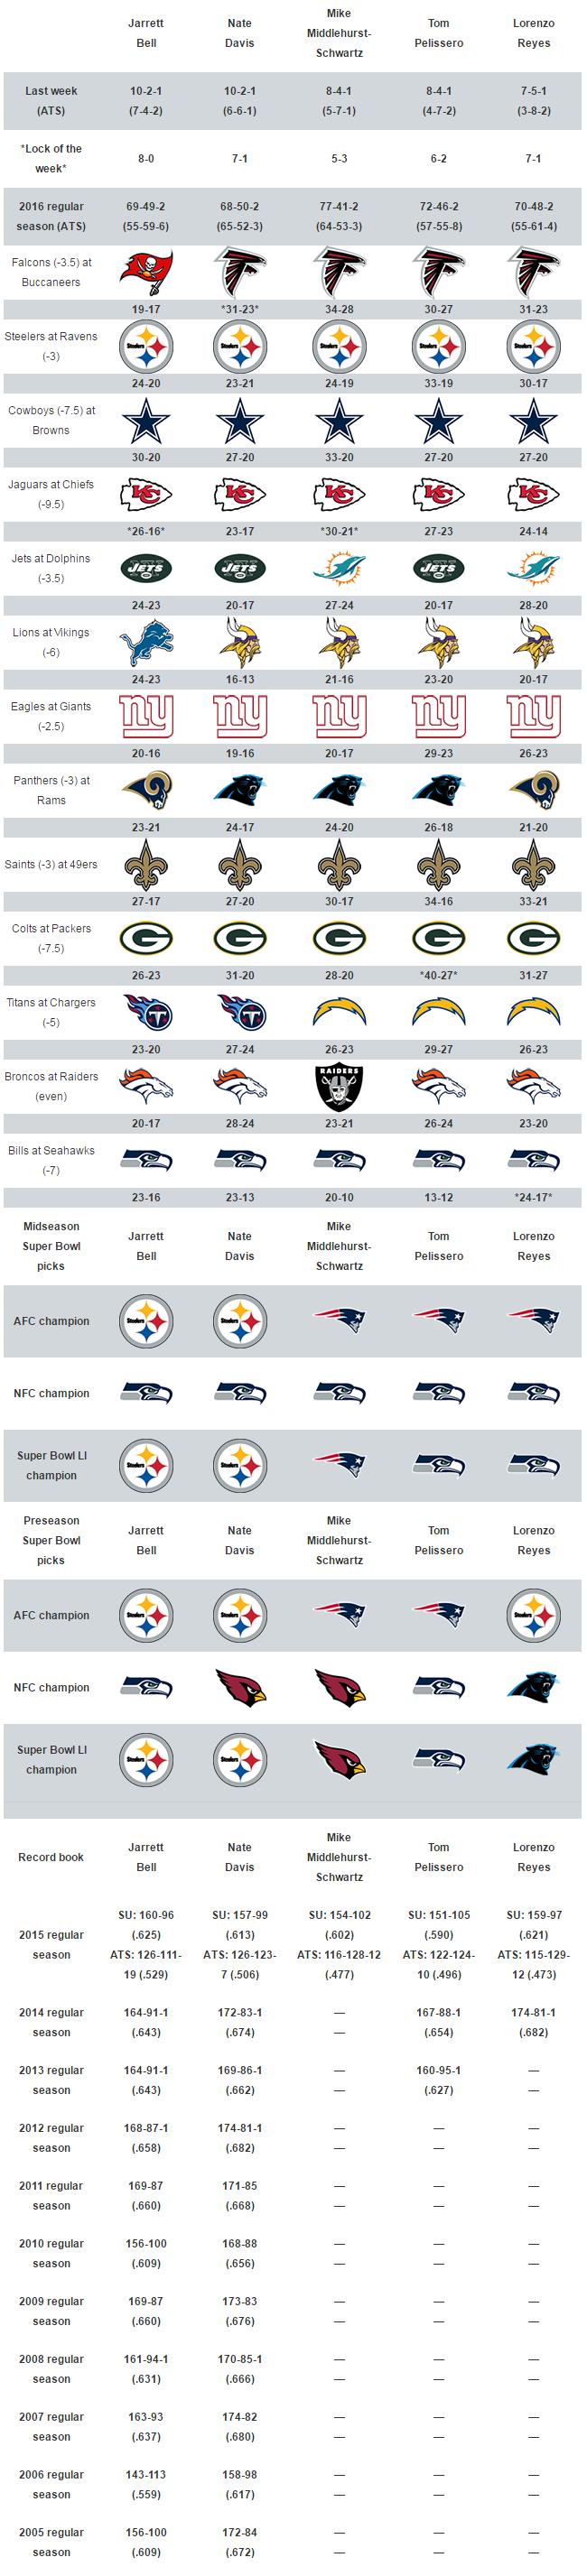 Week 9 NFL picks against the spread